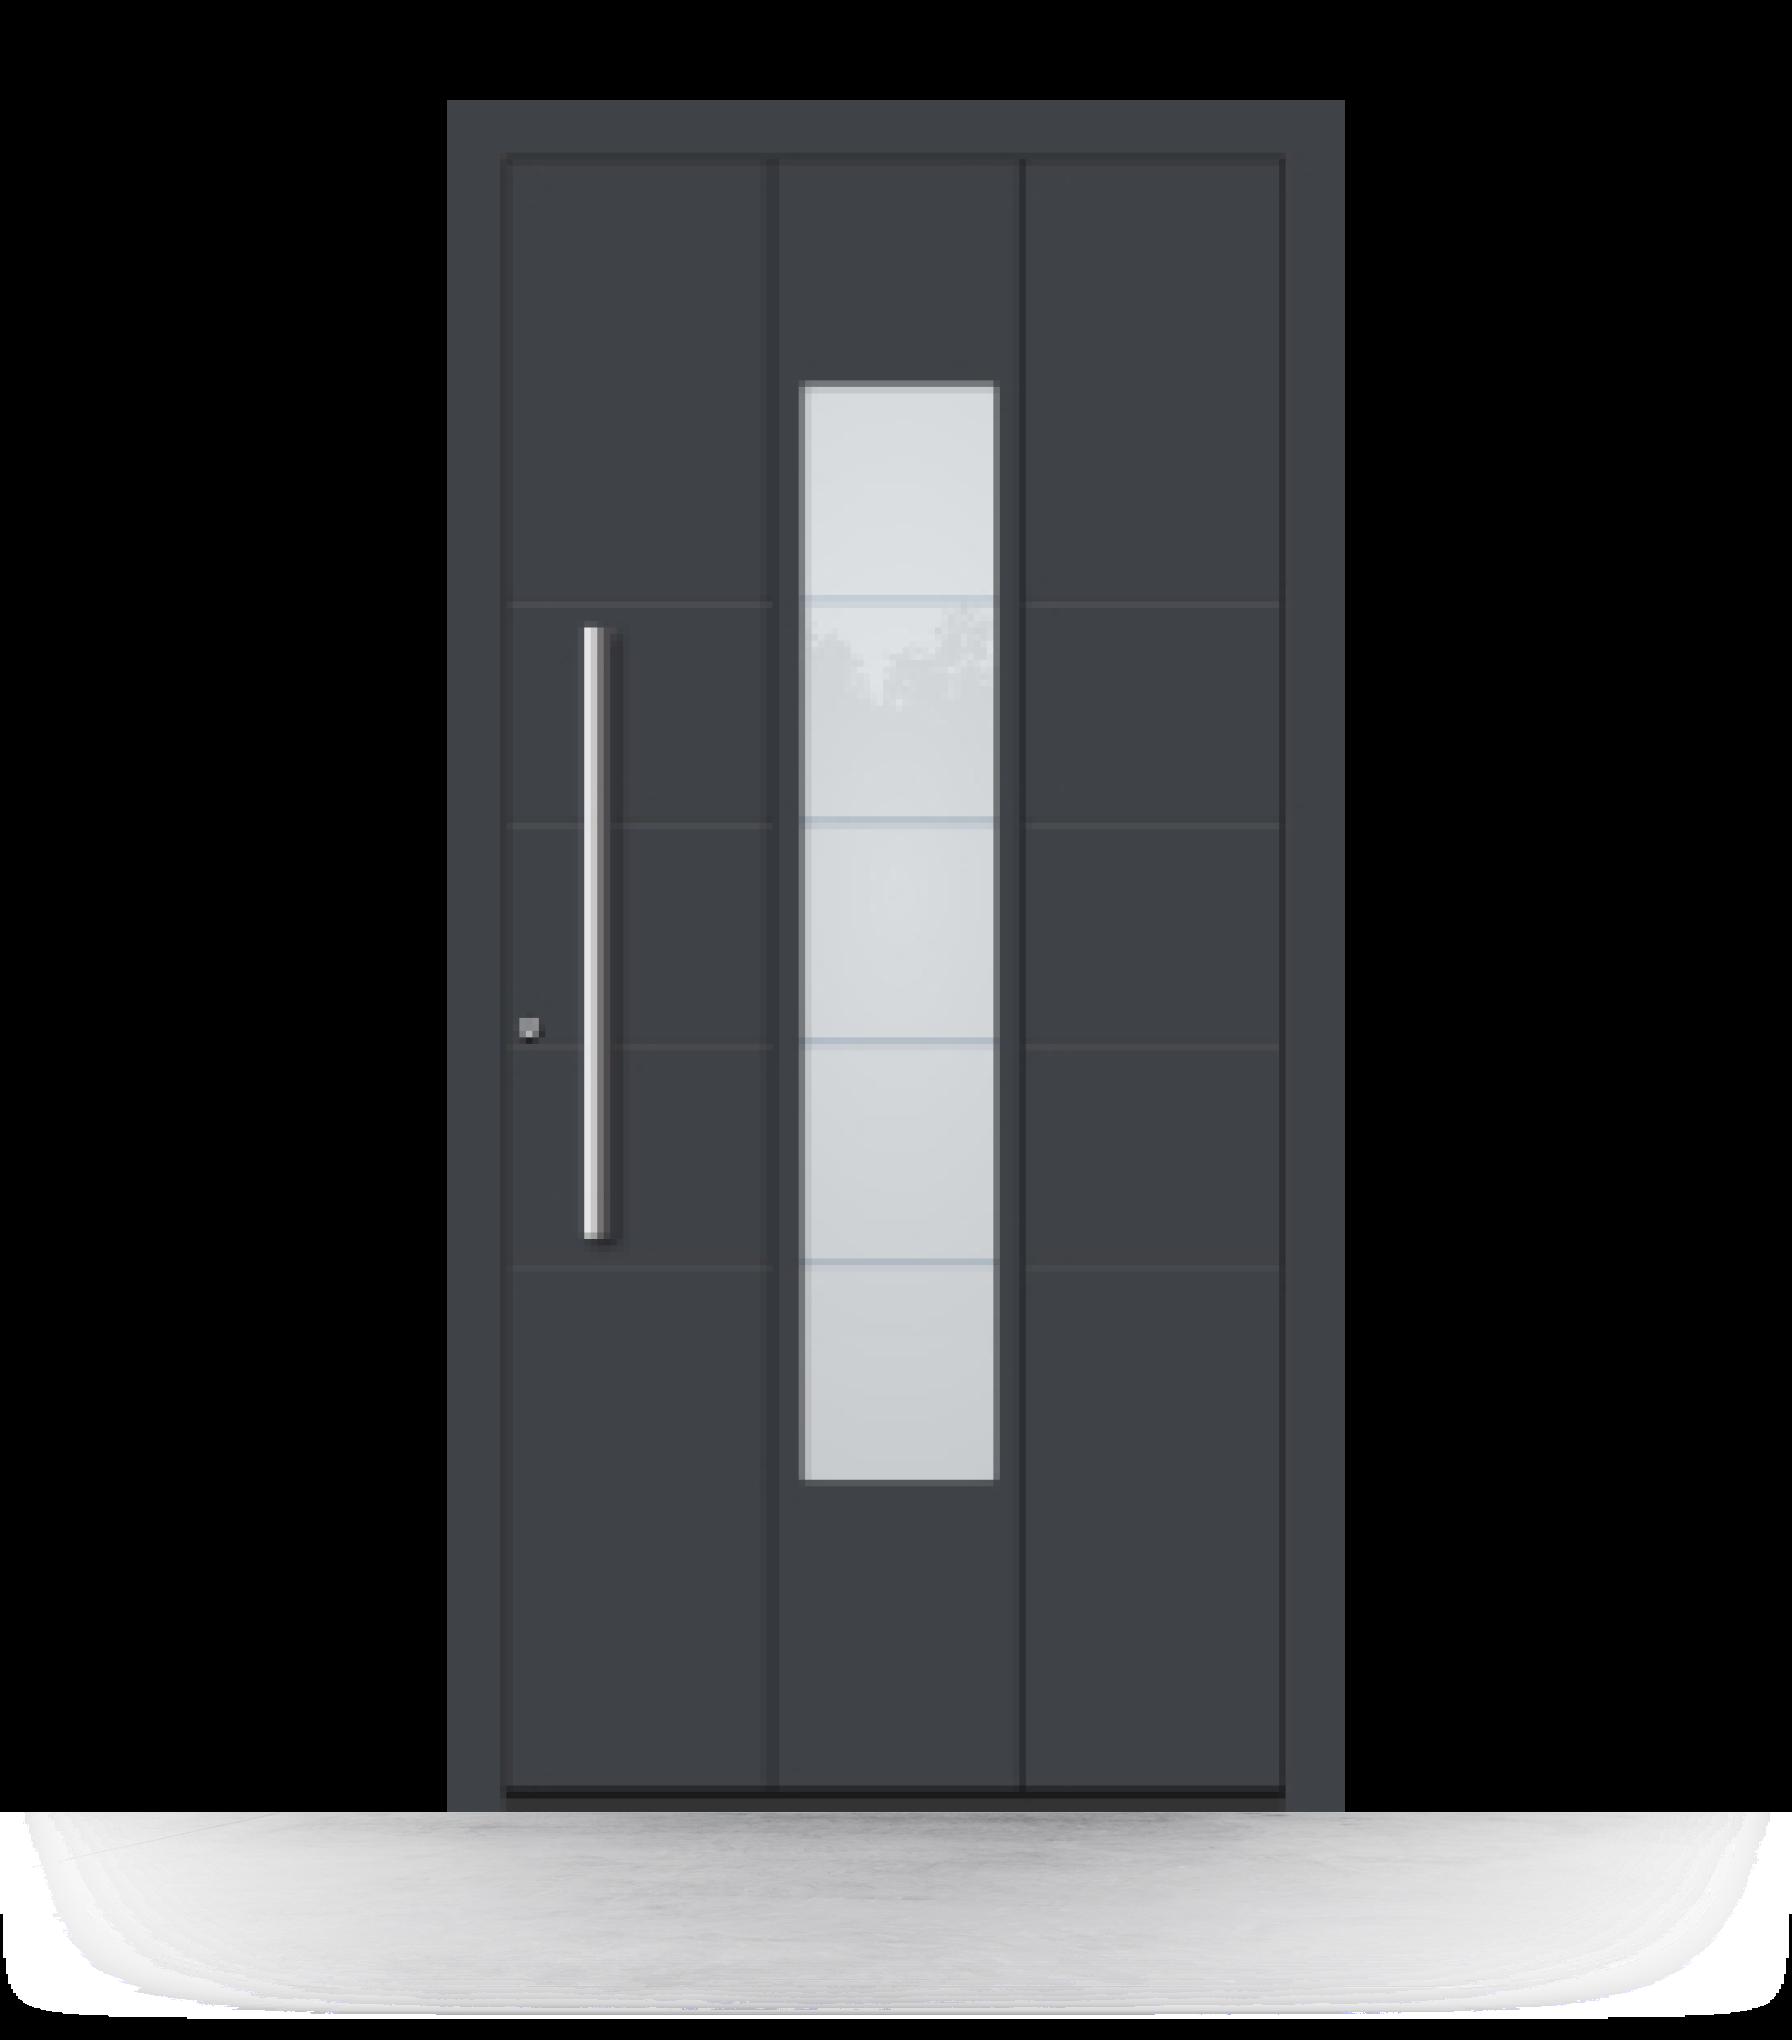 Haustür Anthrazit (RAL 7016) aus Aluminium online kaufen